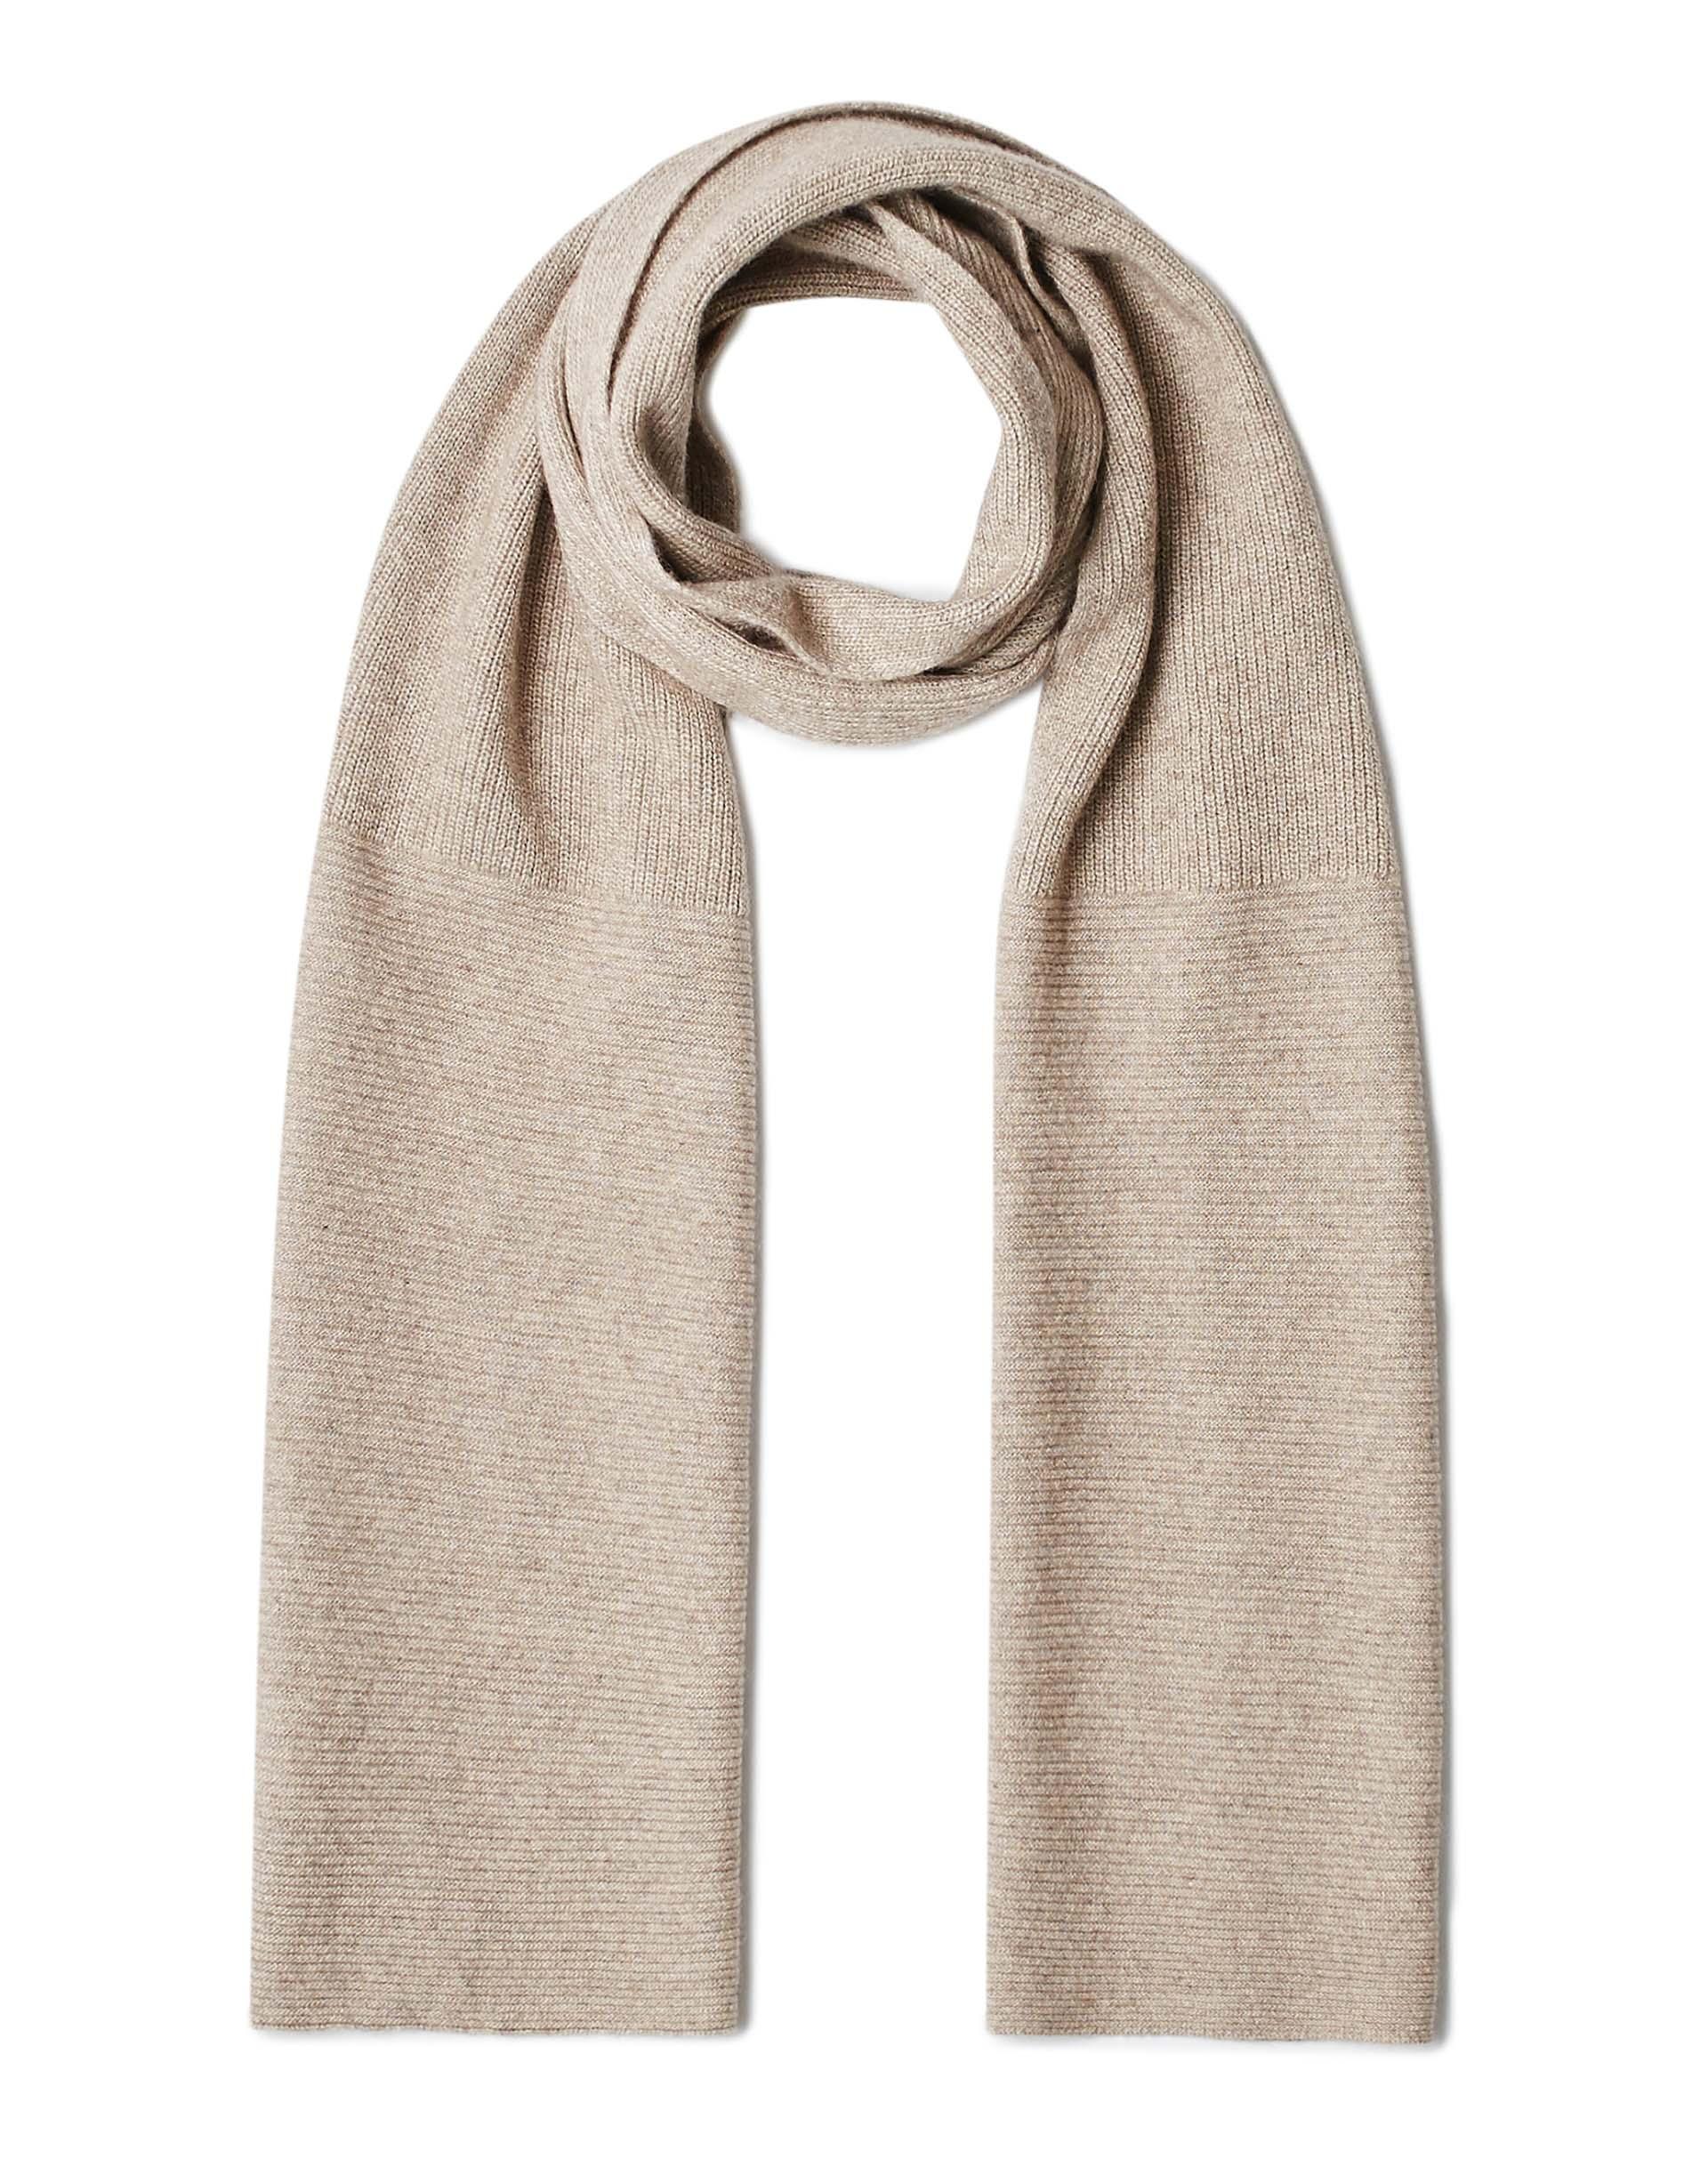 ШарфПлатки и Шарфы<br>Вязаный шарф из полушерстяной пряжи. Фактура в рубчик, универсальный размер. Размеры: 190*27 см.<br>Цвет: Бежевый; Размер: OS;